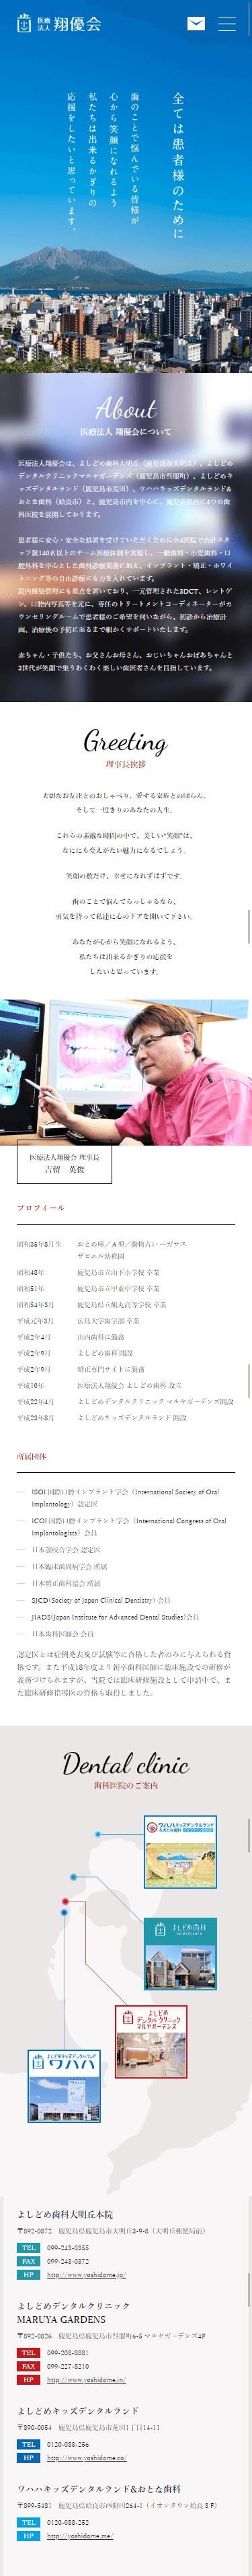 鹿児島県 医療法人翔優会様 ホームページ制作3